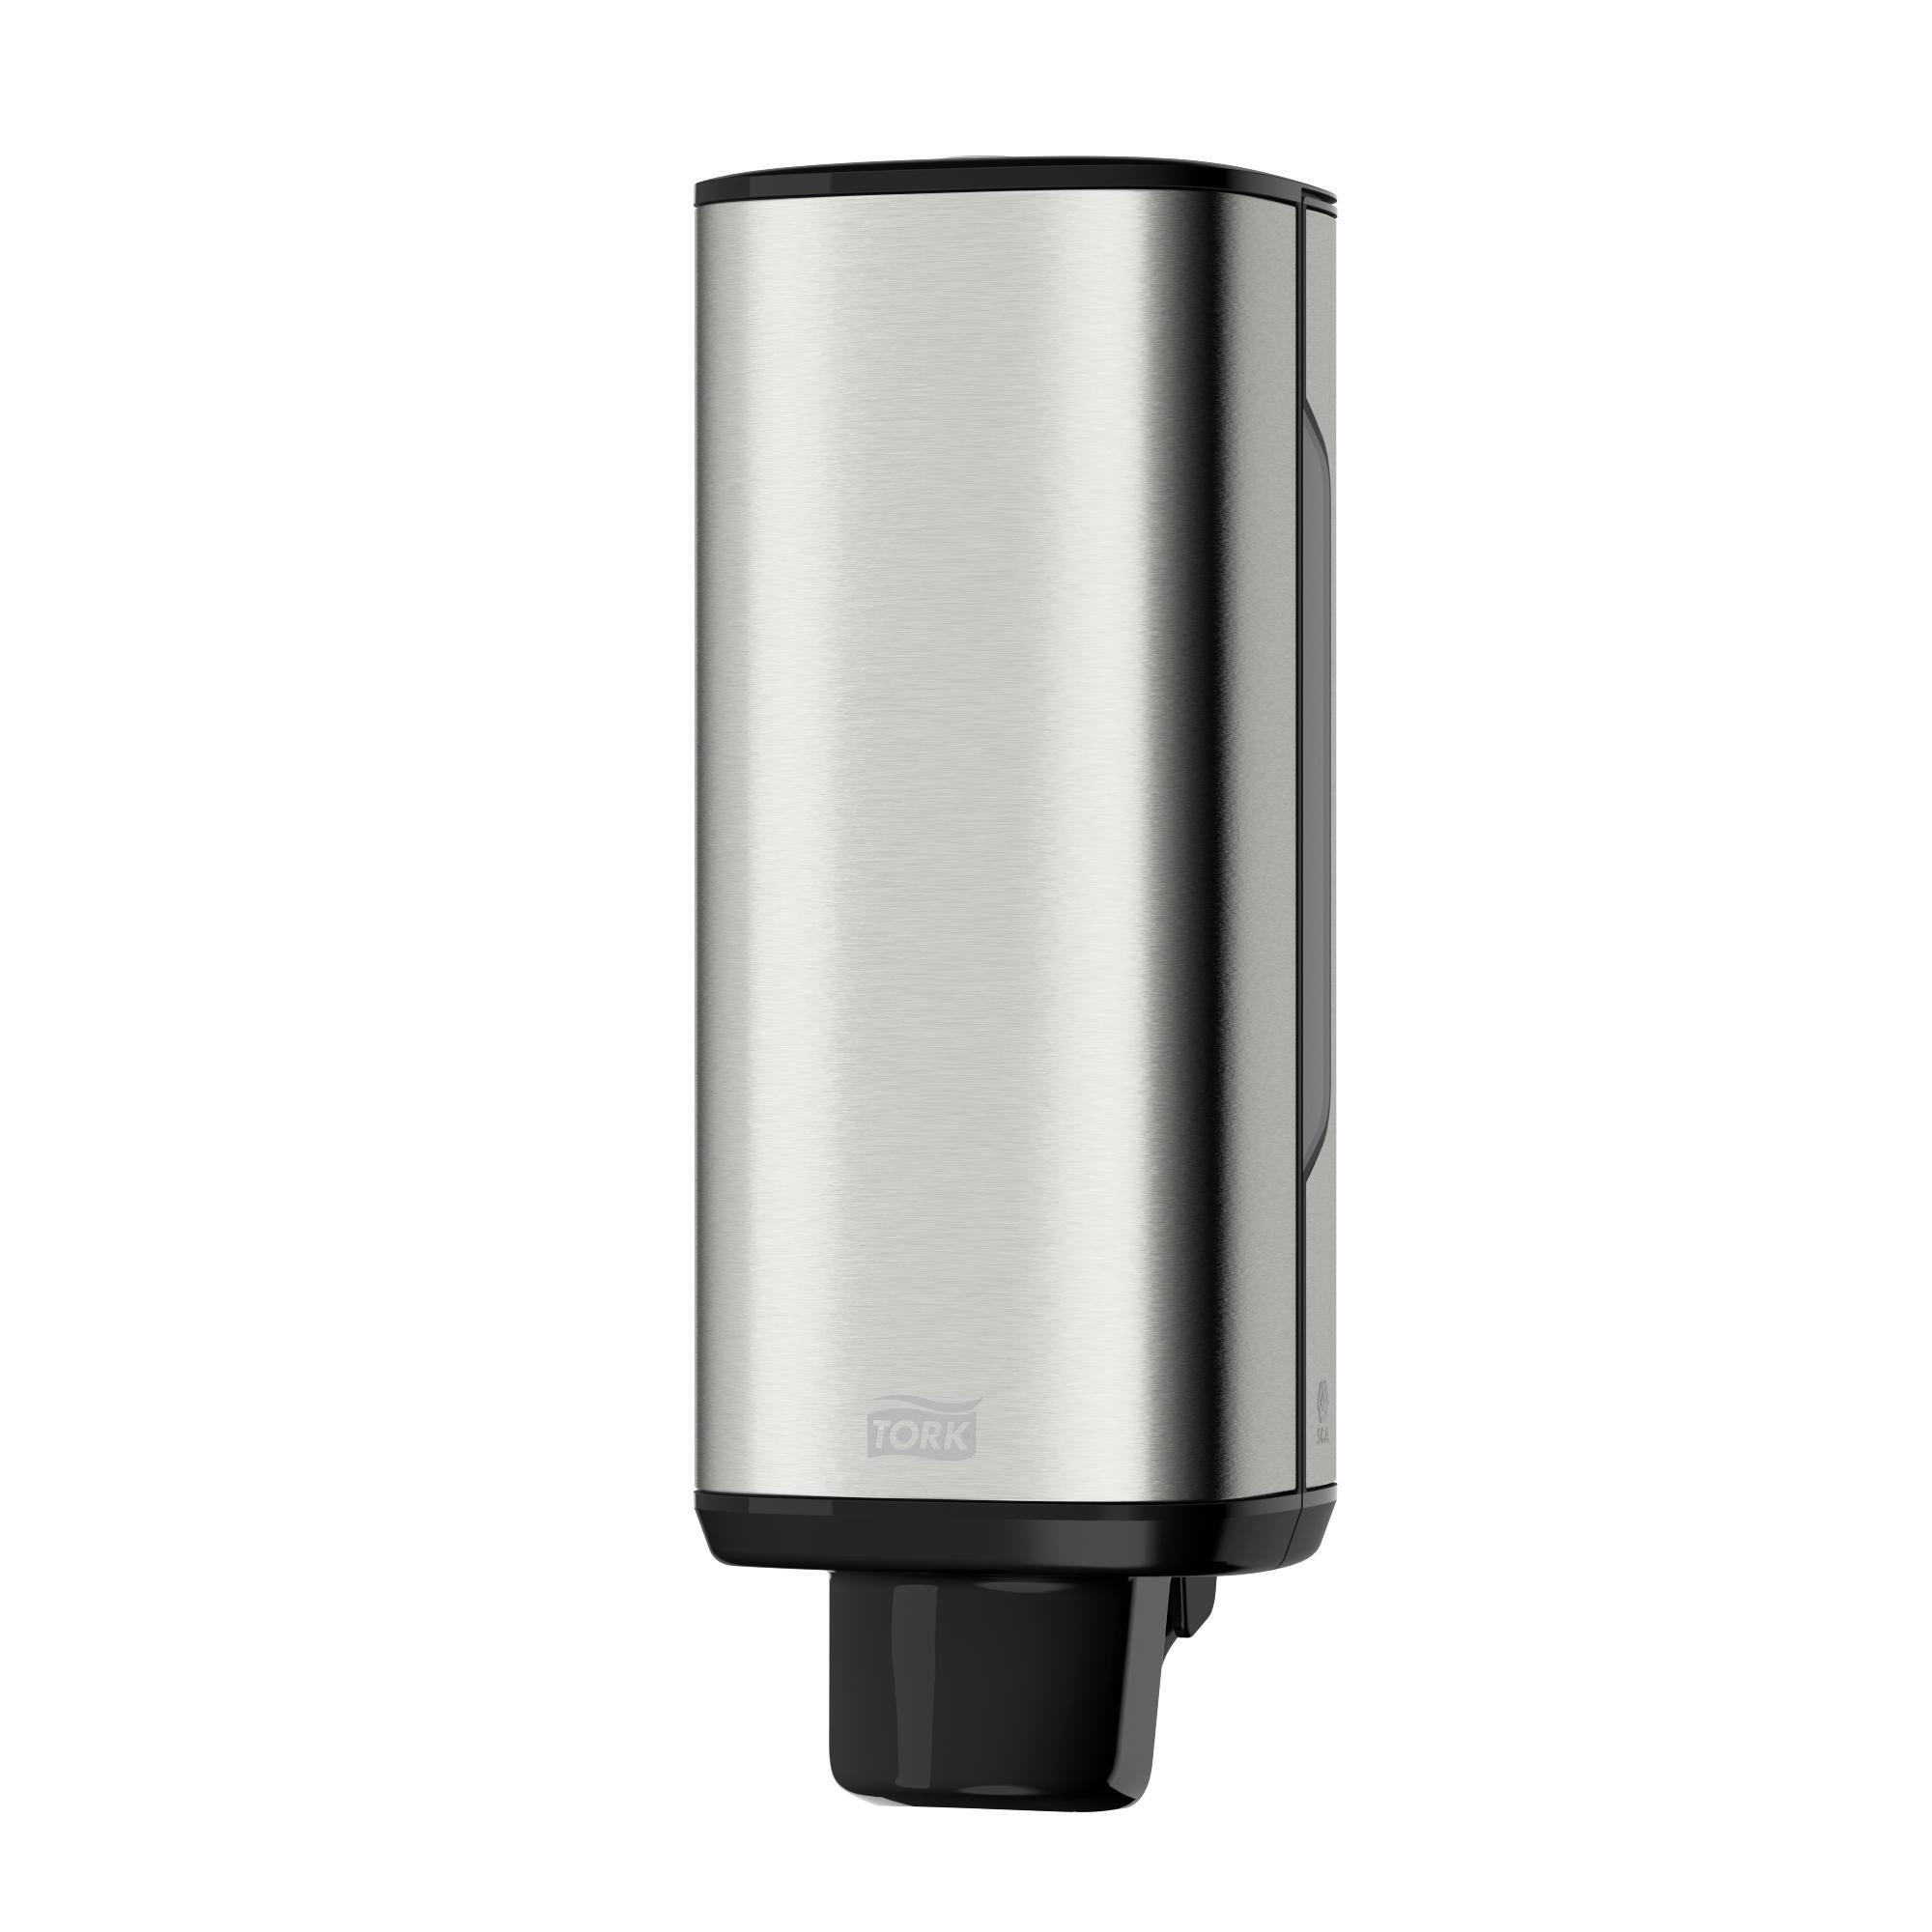 Дозатор для жидкого мыла Tork 460010 форма профессиональная для изготовления мыла мк восток выдумщики 688758 1